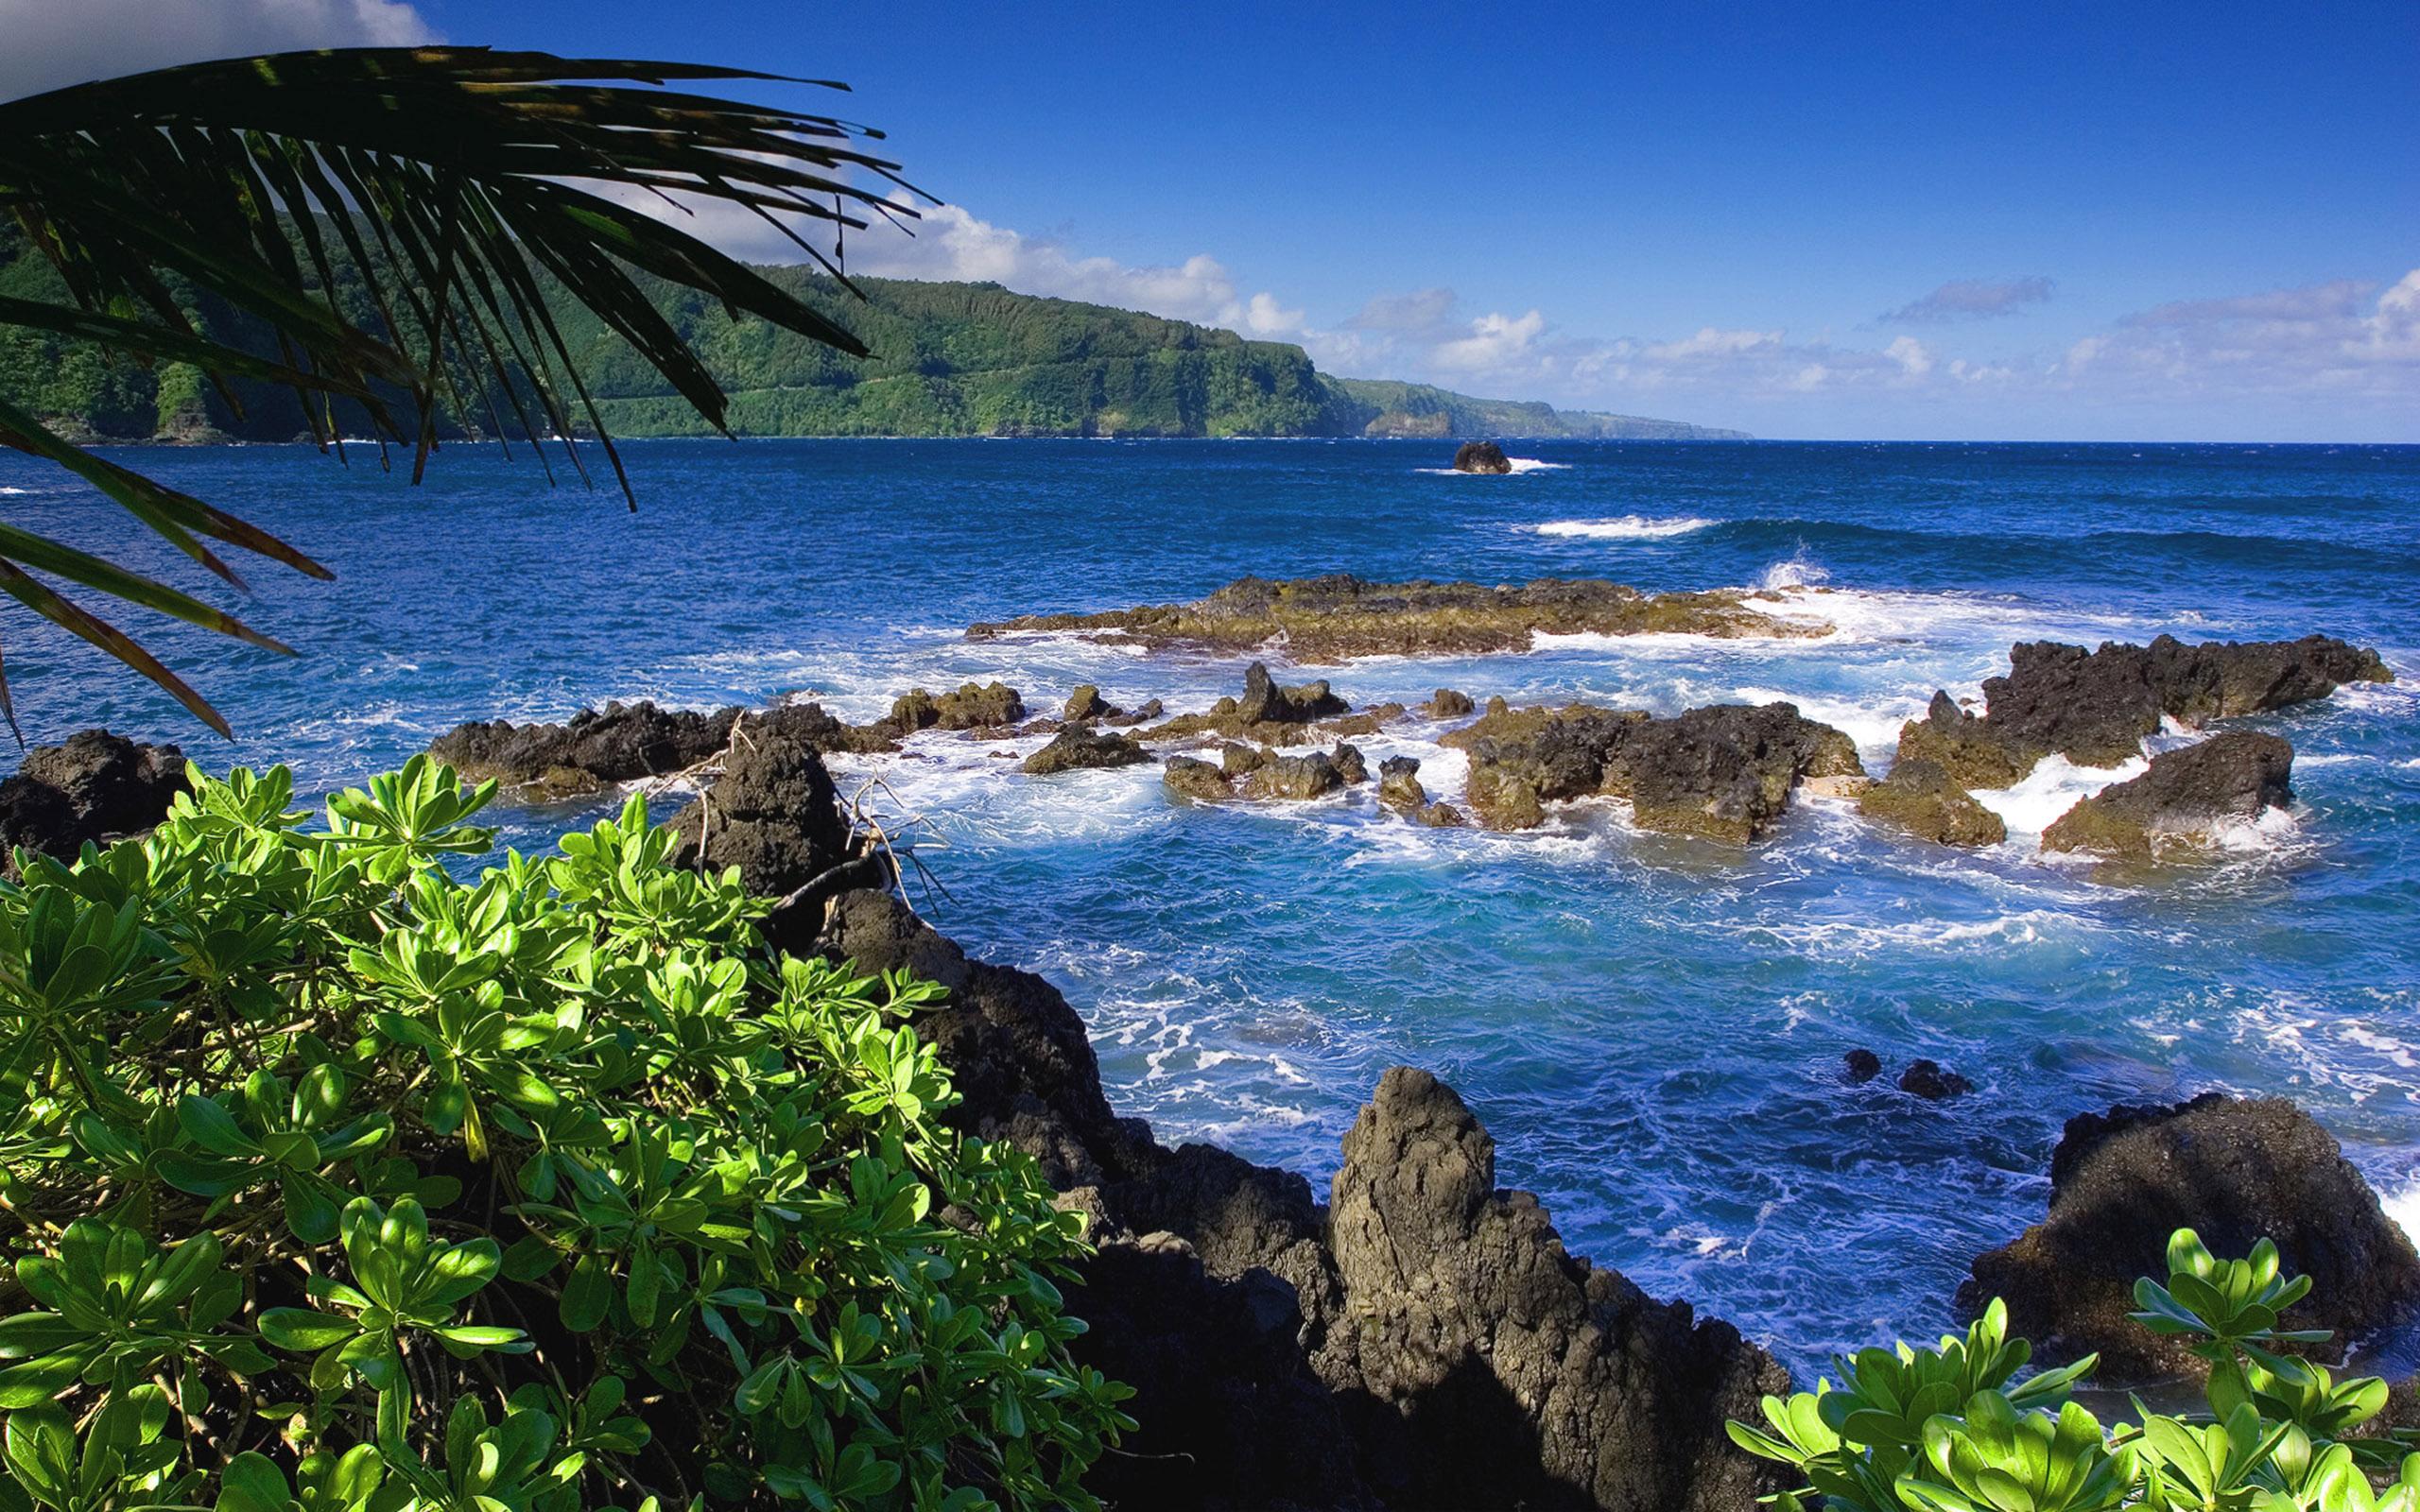 море, пляж, растительность бесплатно